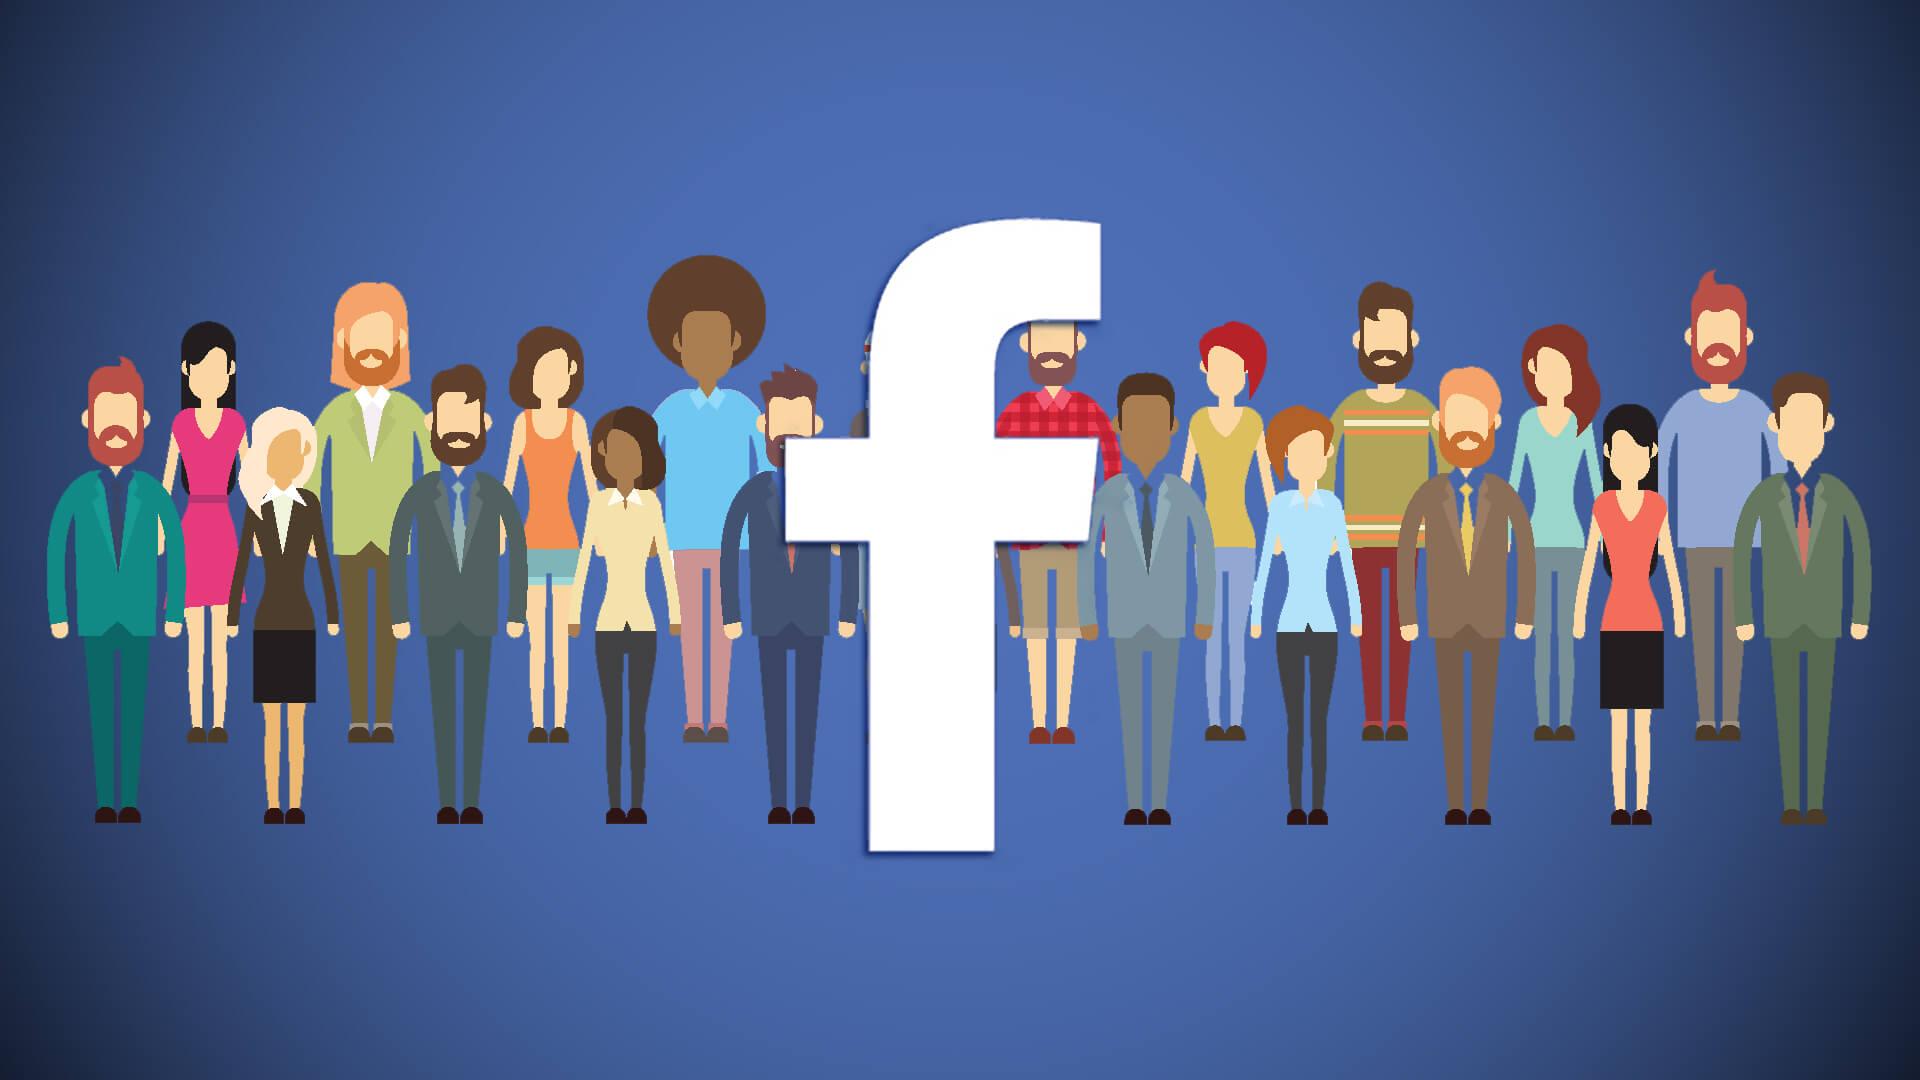 konnyebben-tudunk-majd-embereket-megjelolni-facebook-bejegyz_m4se